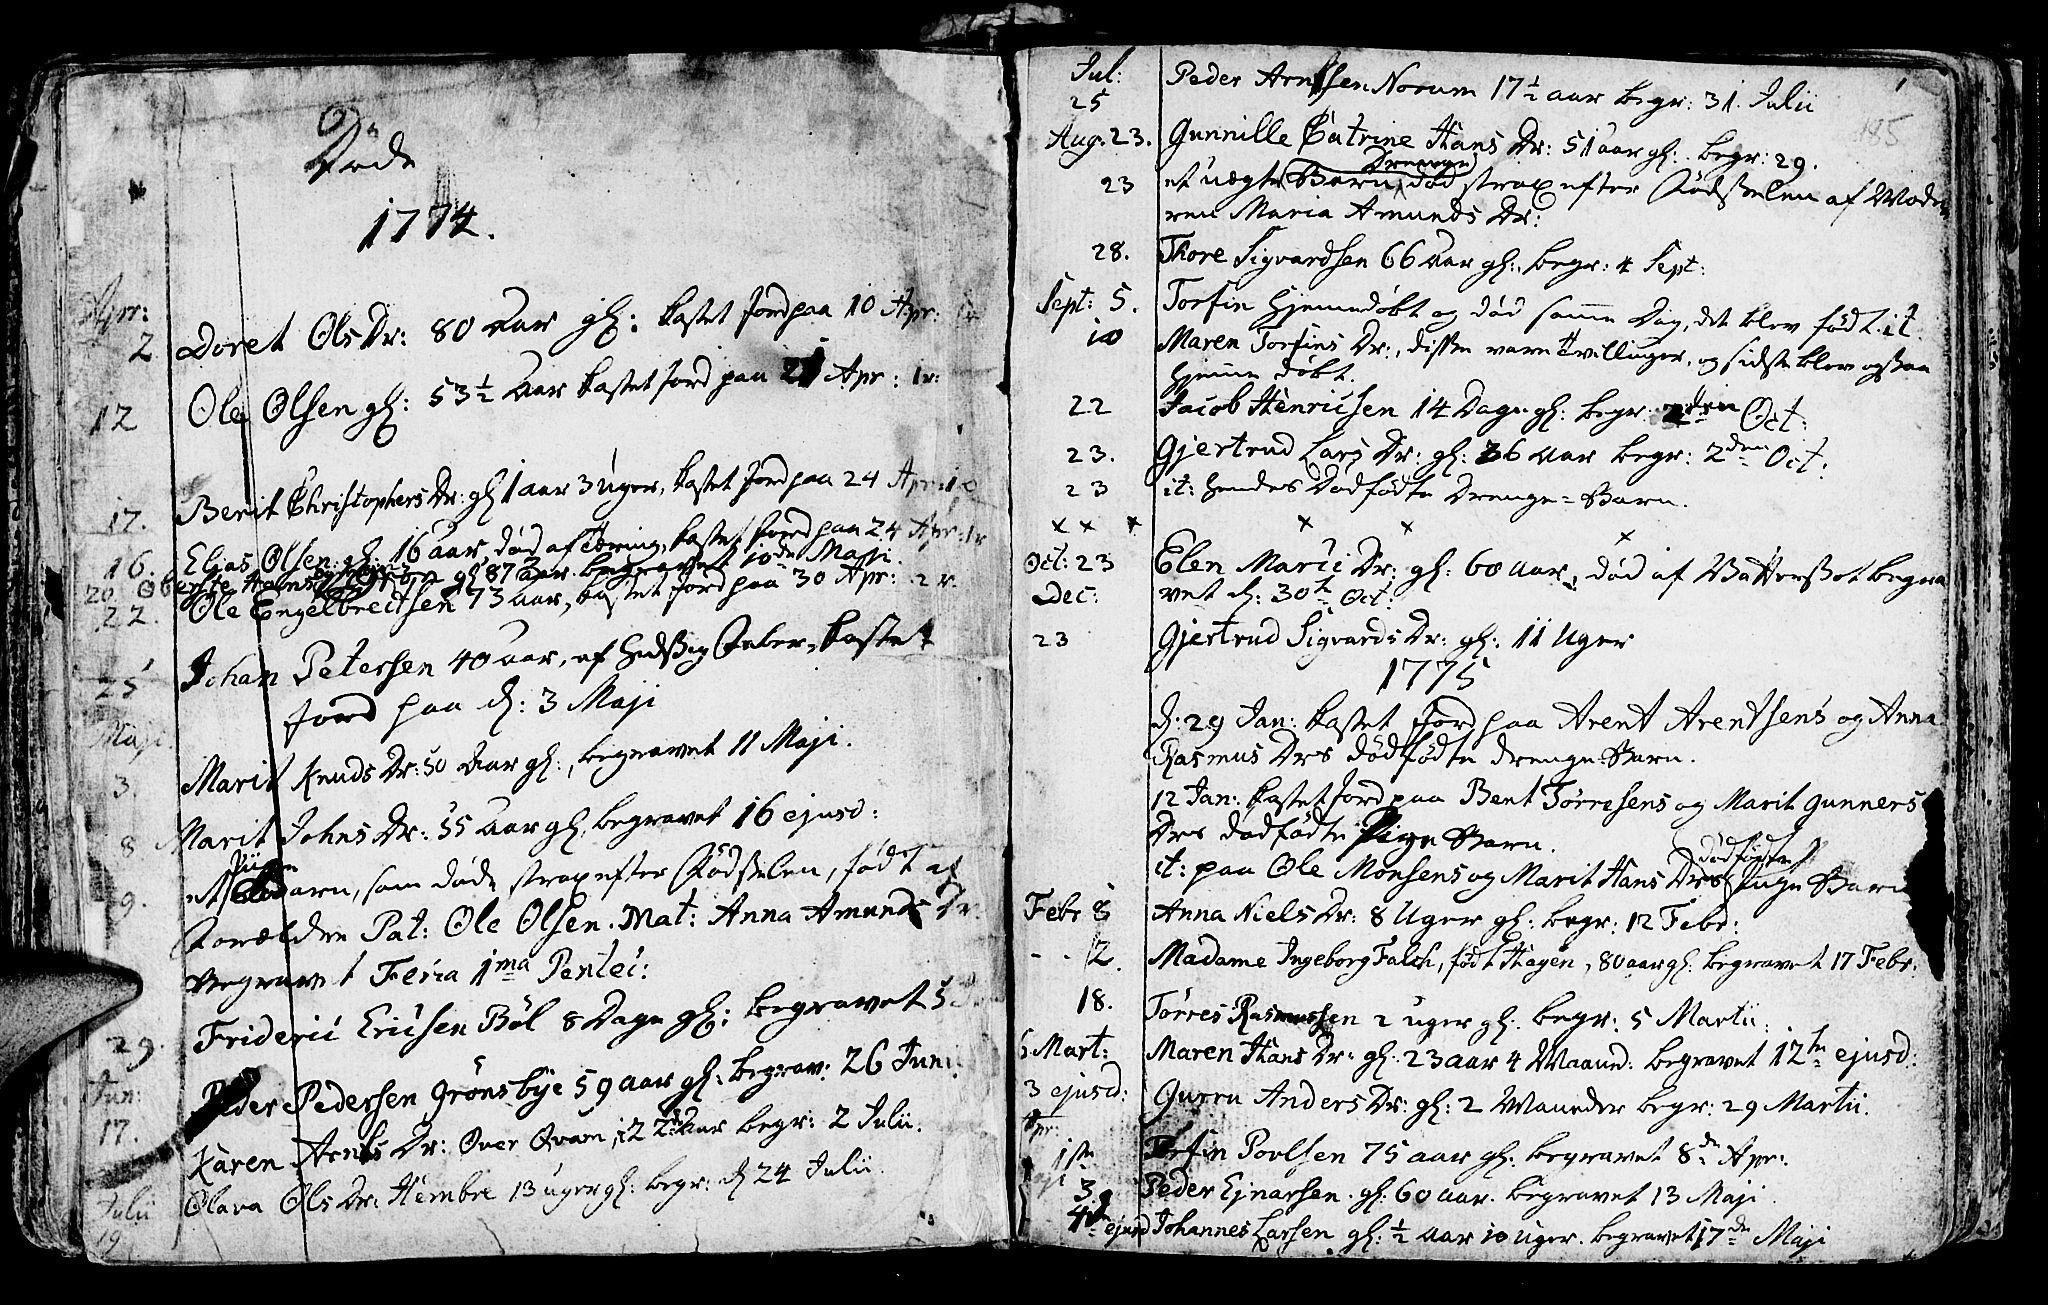 SAT, Ministerialprotokoller, klokkerbøker og fødselsregistre - Nord-Trøndelag, 730/L0273: Ministerialbok nr. 730A02, 1762-1802, s. 185